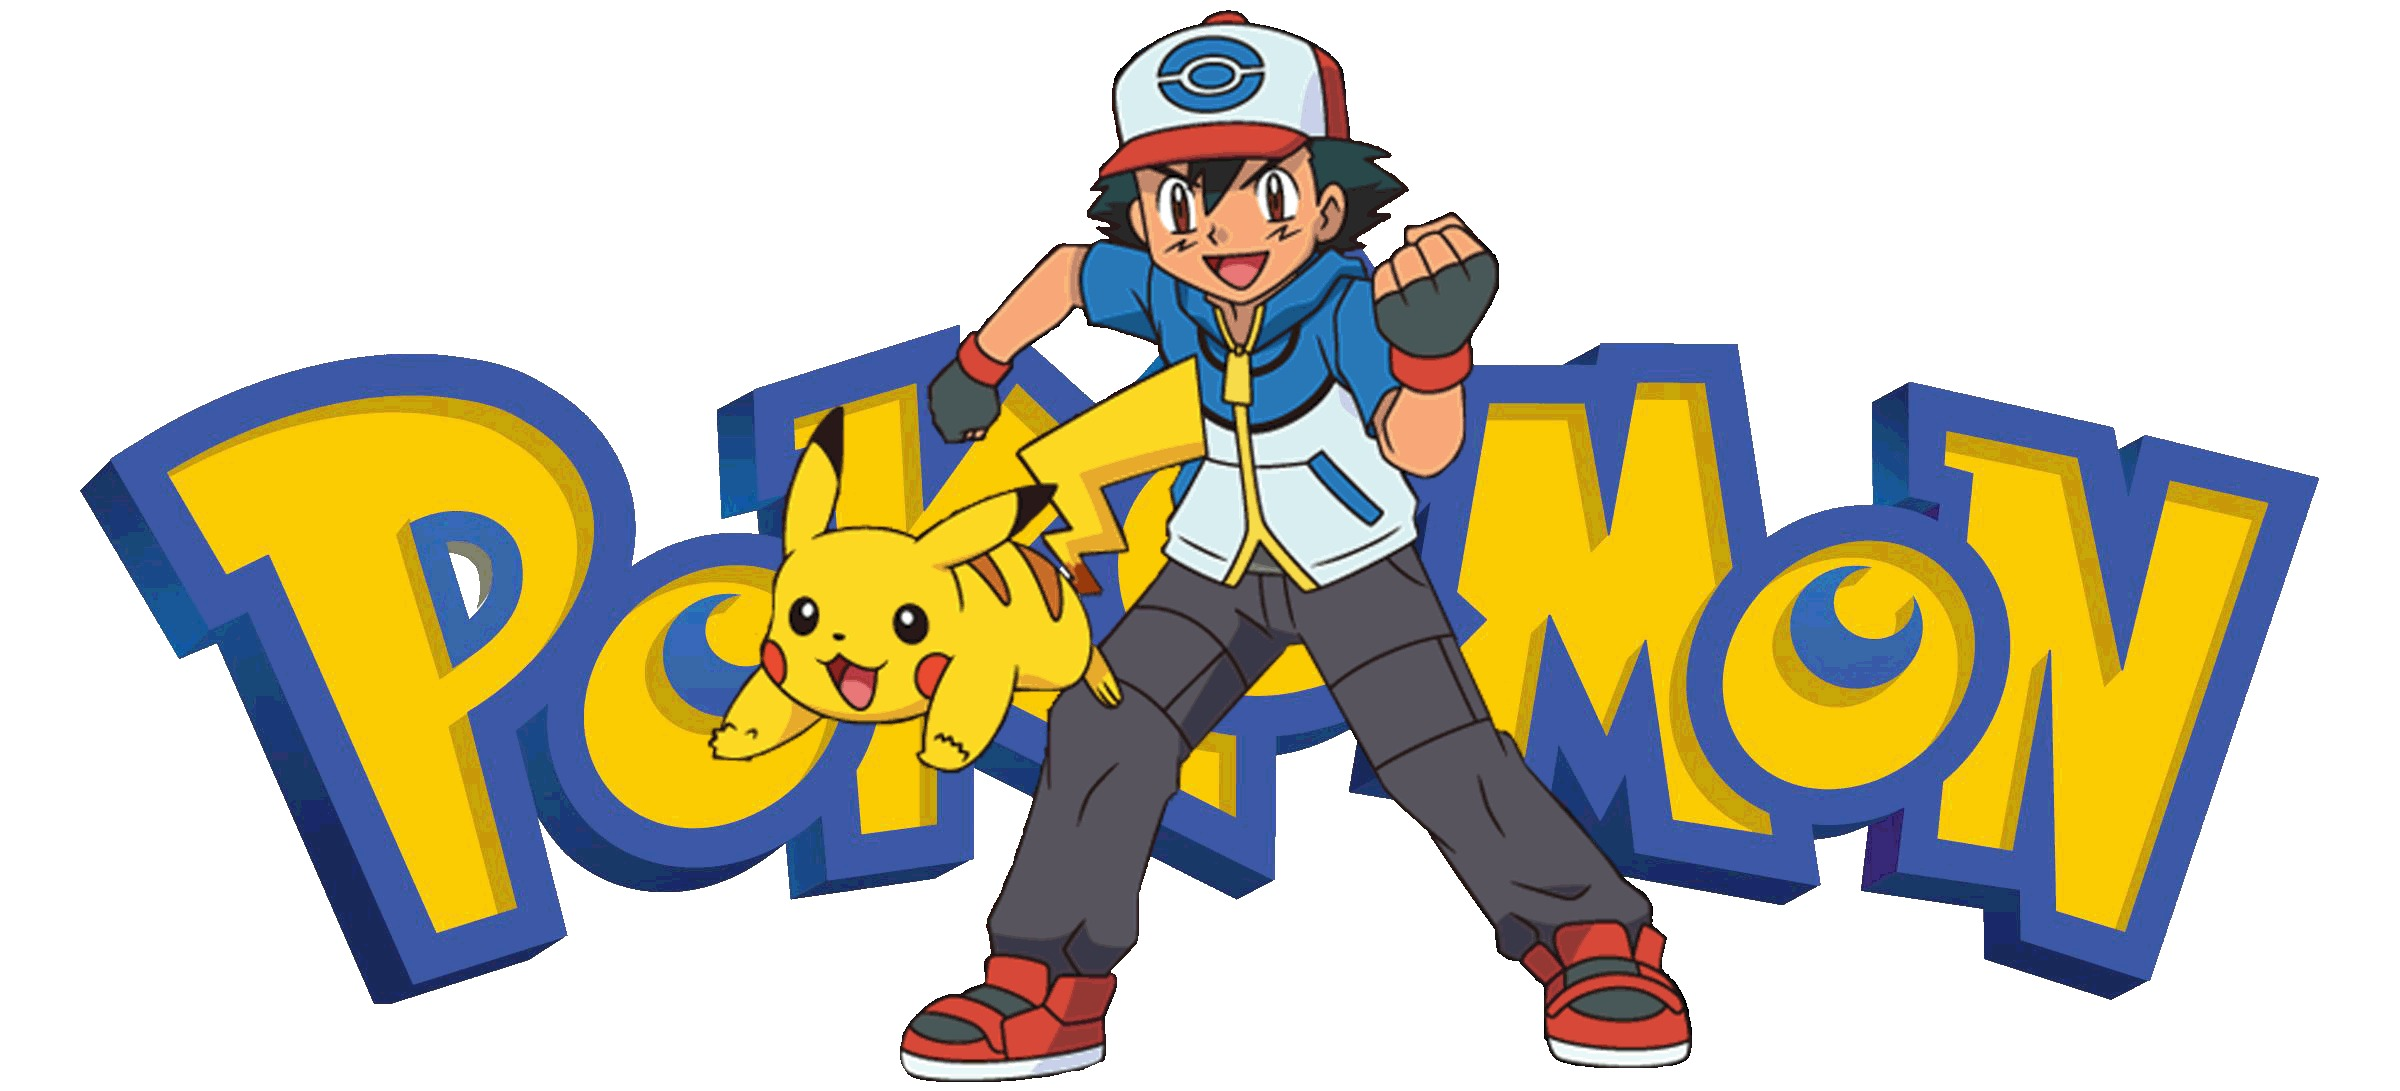 ¿Qué significa Pokémon?